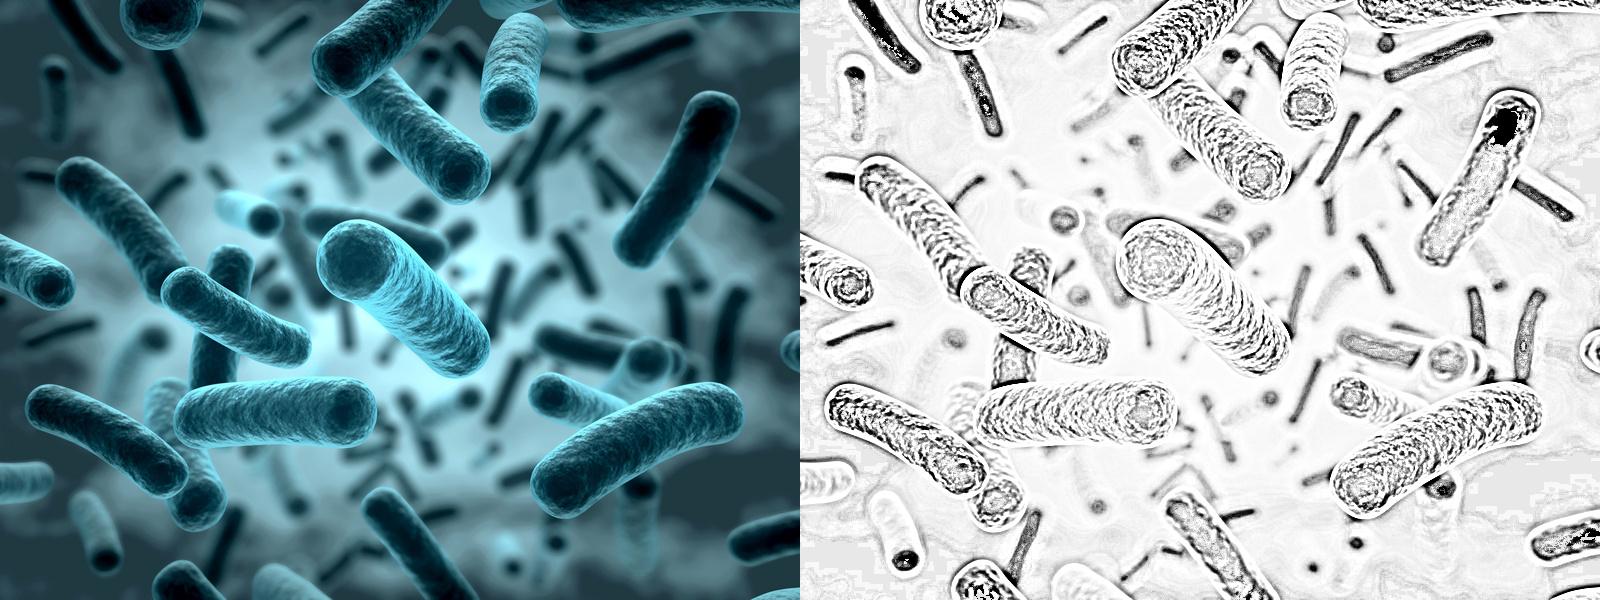 stuhl_bakterien